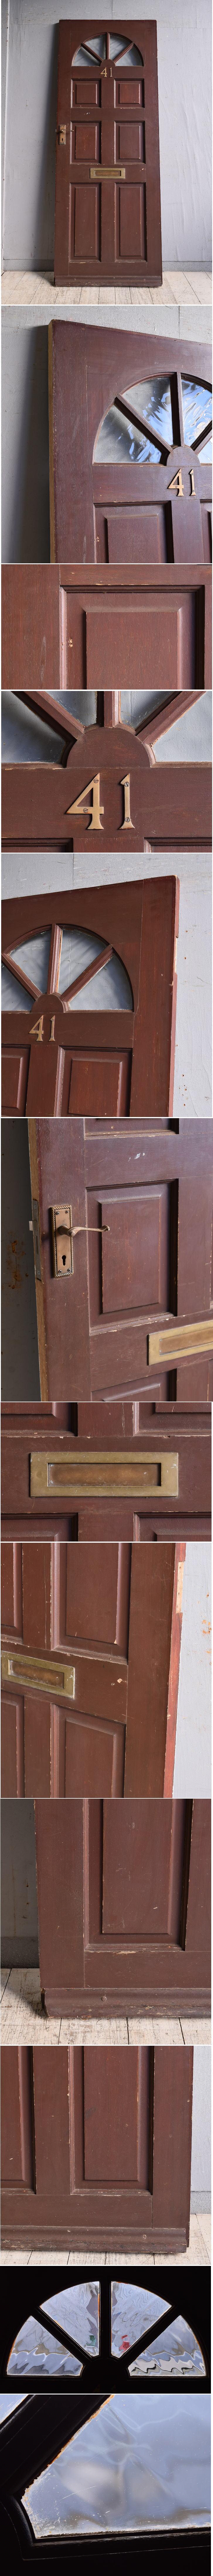 イギリス アンティーク ドア 扉 建具 9758